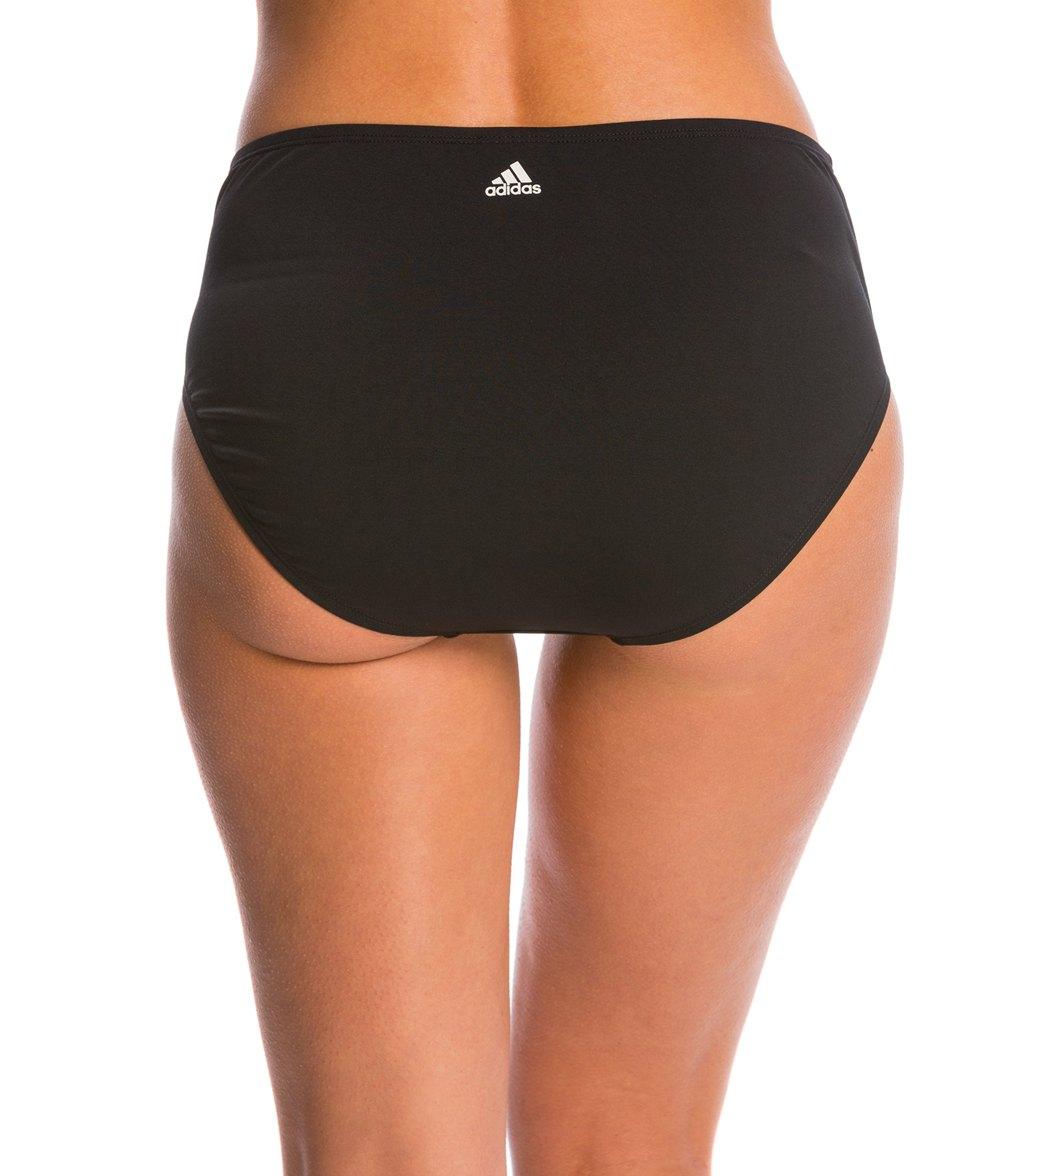 916cf1b2ff Adidas Women's High Waist Swimsuit Bottom at SwimOutlet.com - Free ...